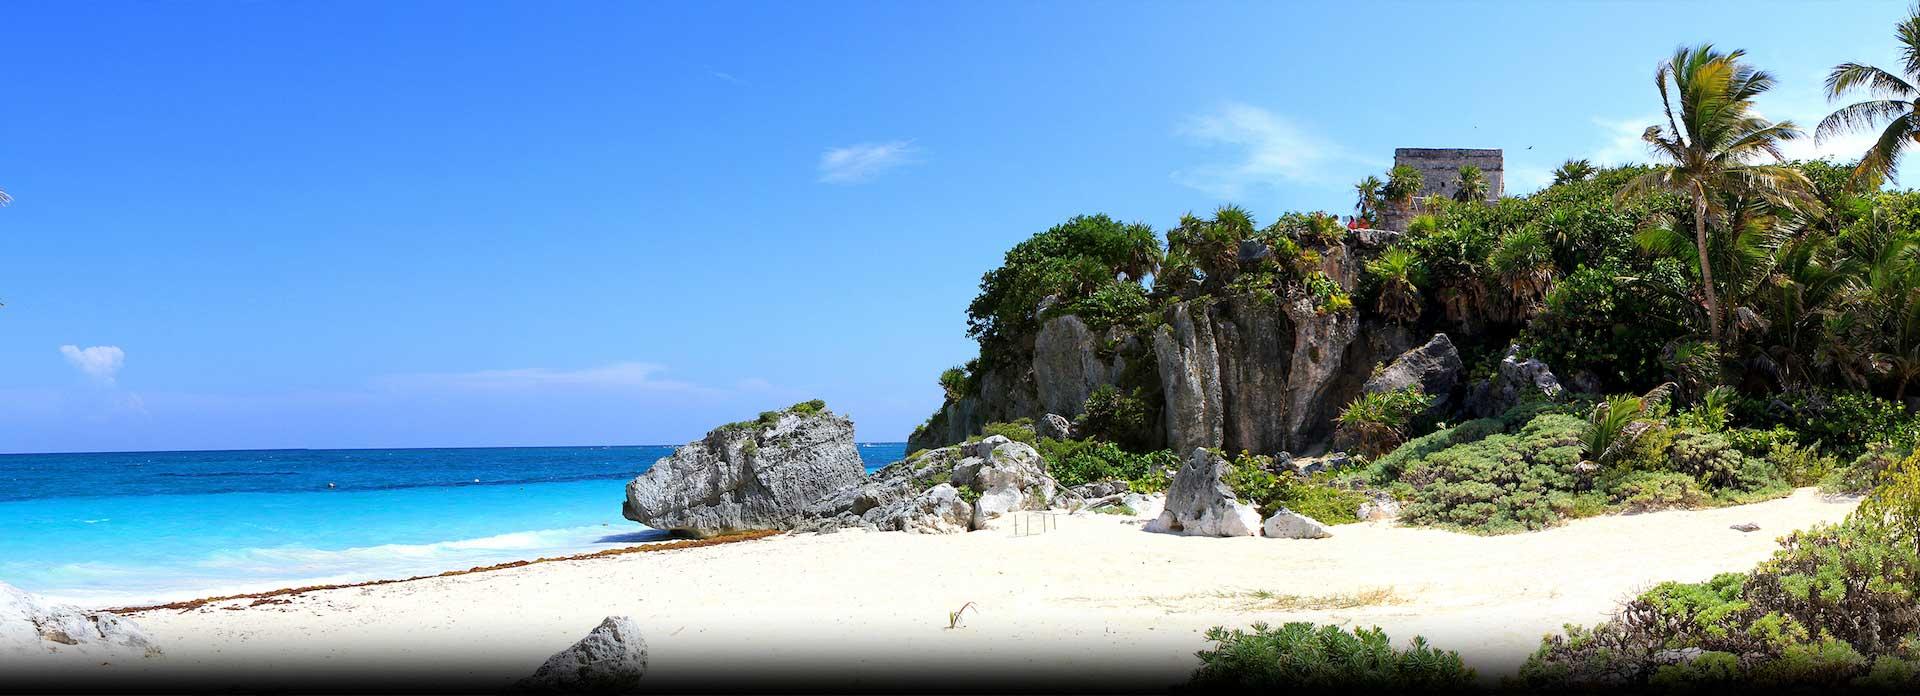 excursiones-riviera-maya-sl1-o